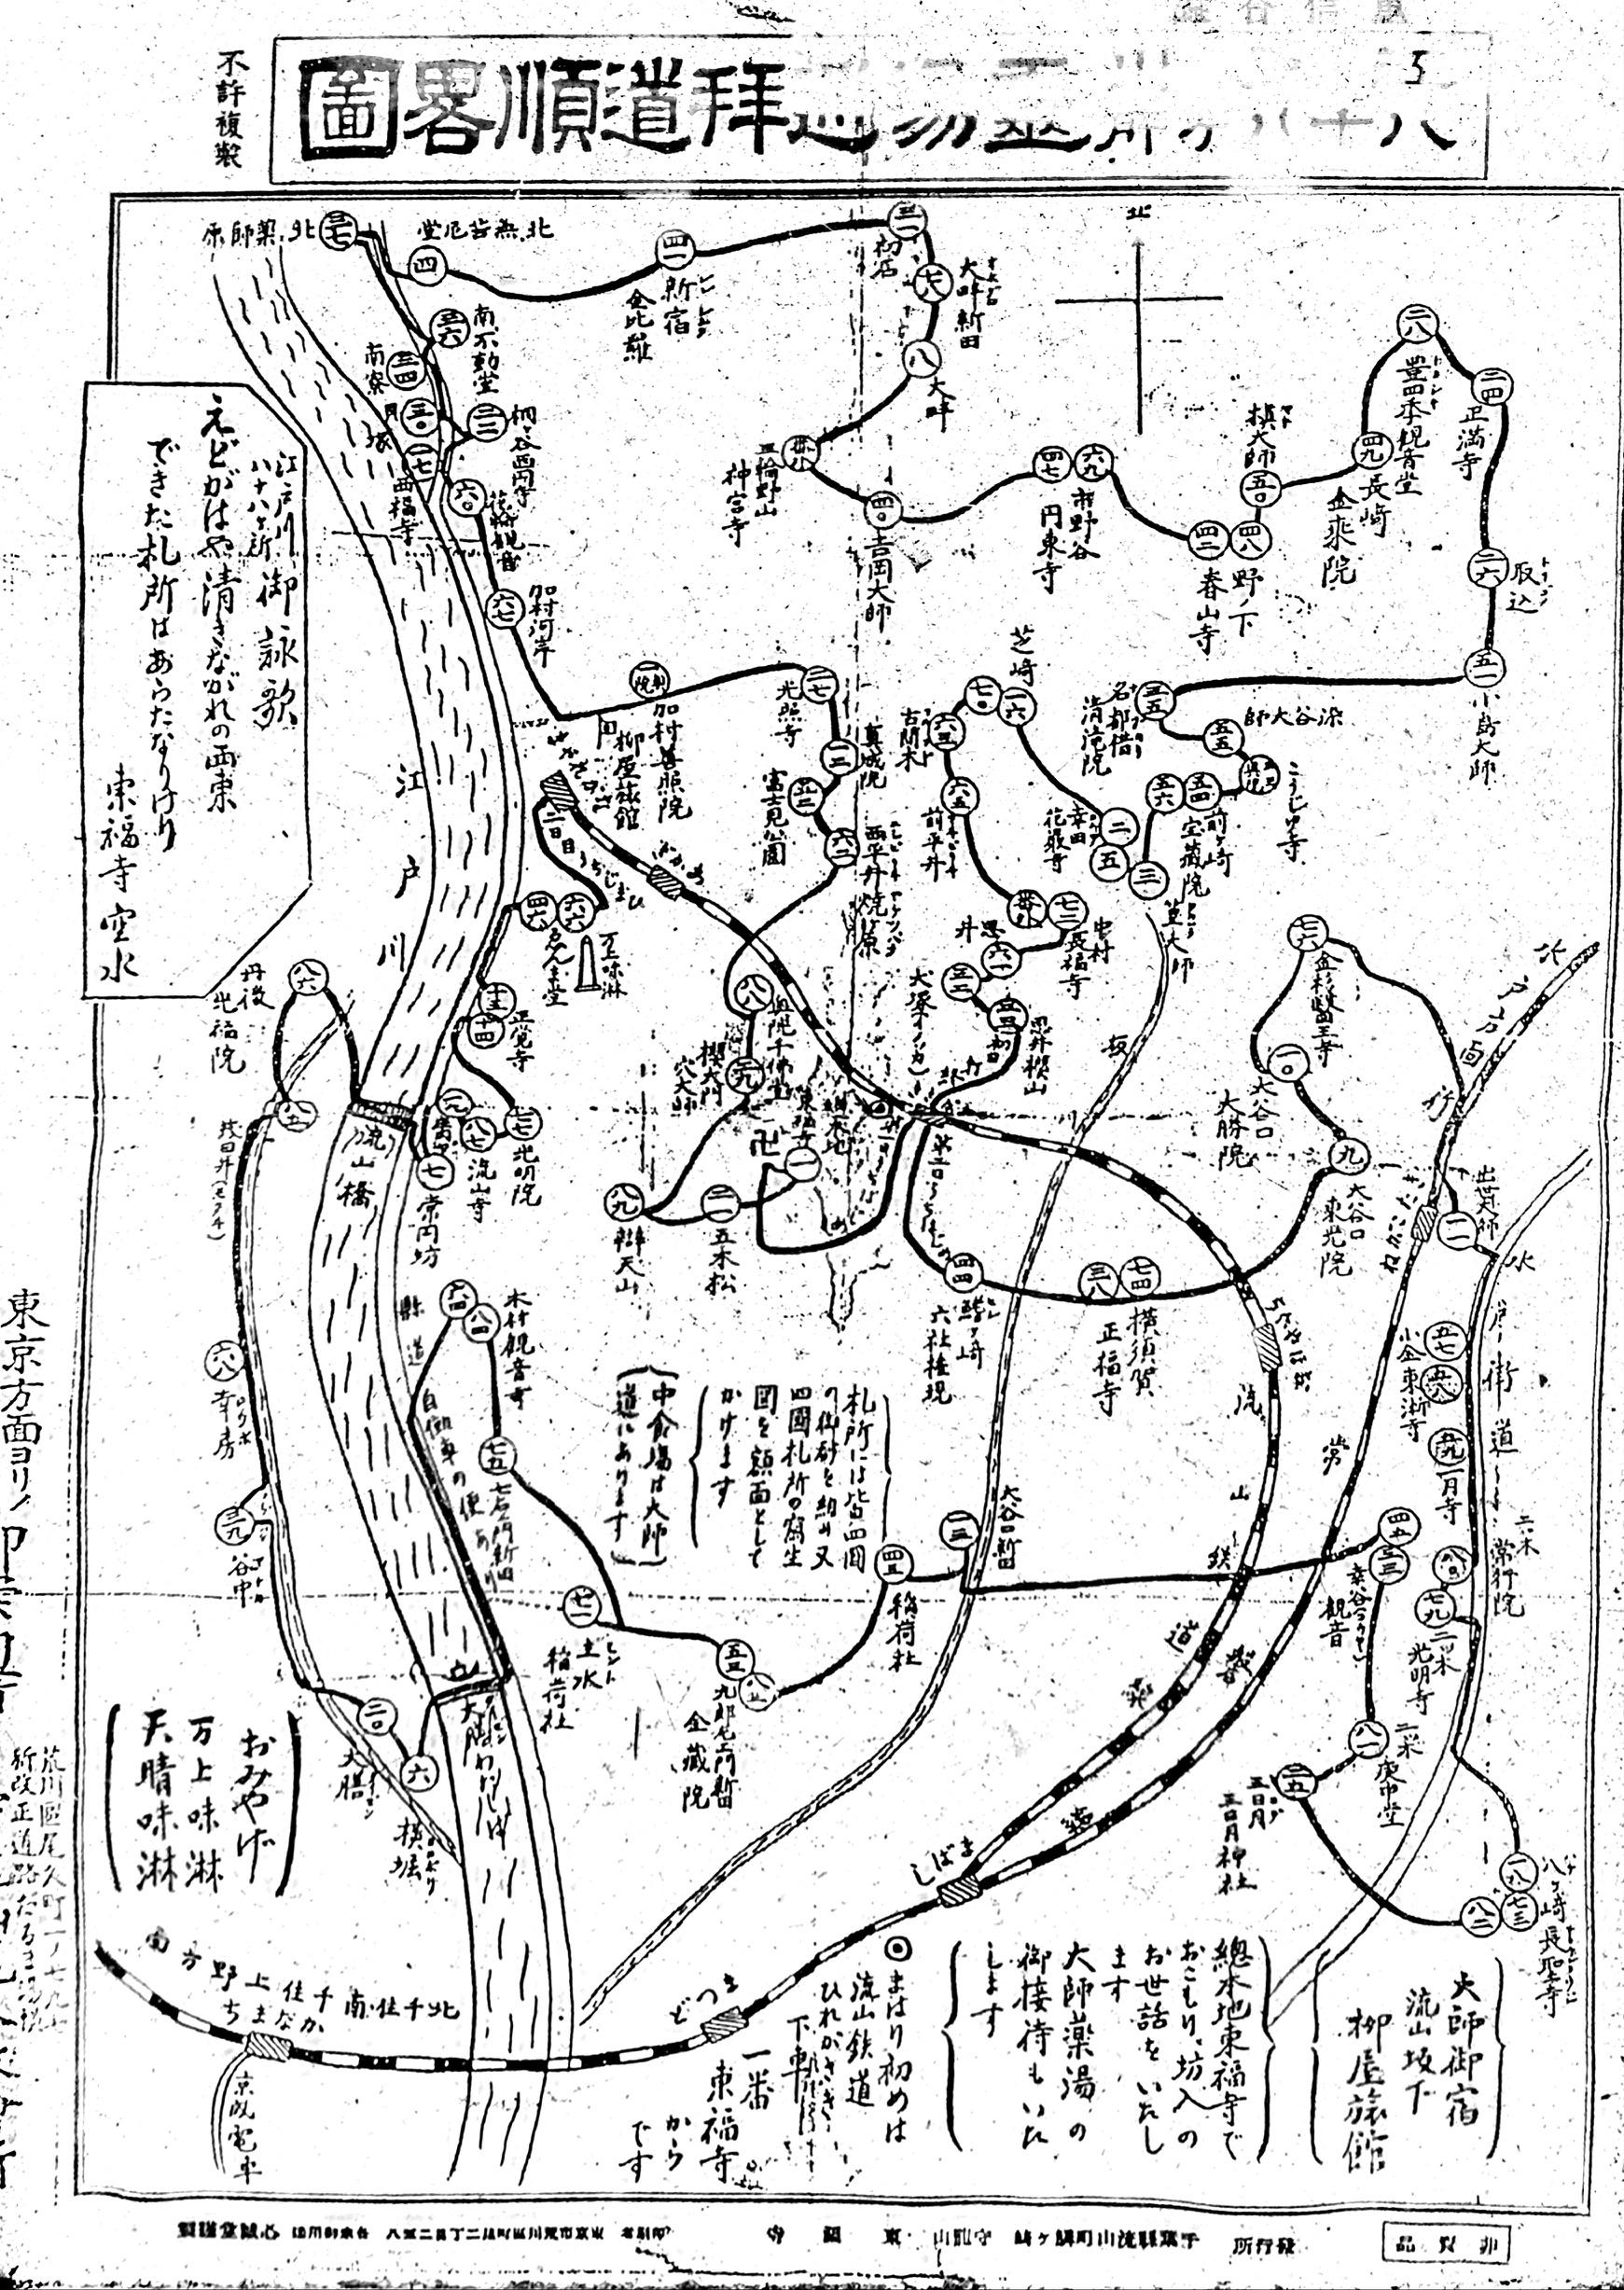 江戸川八十八ヶ所地図